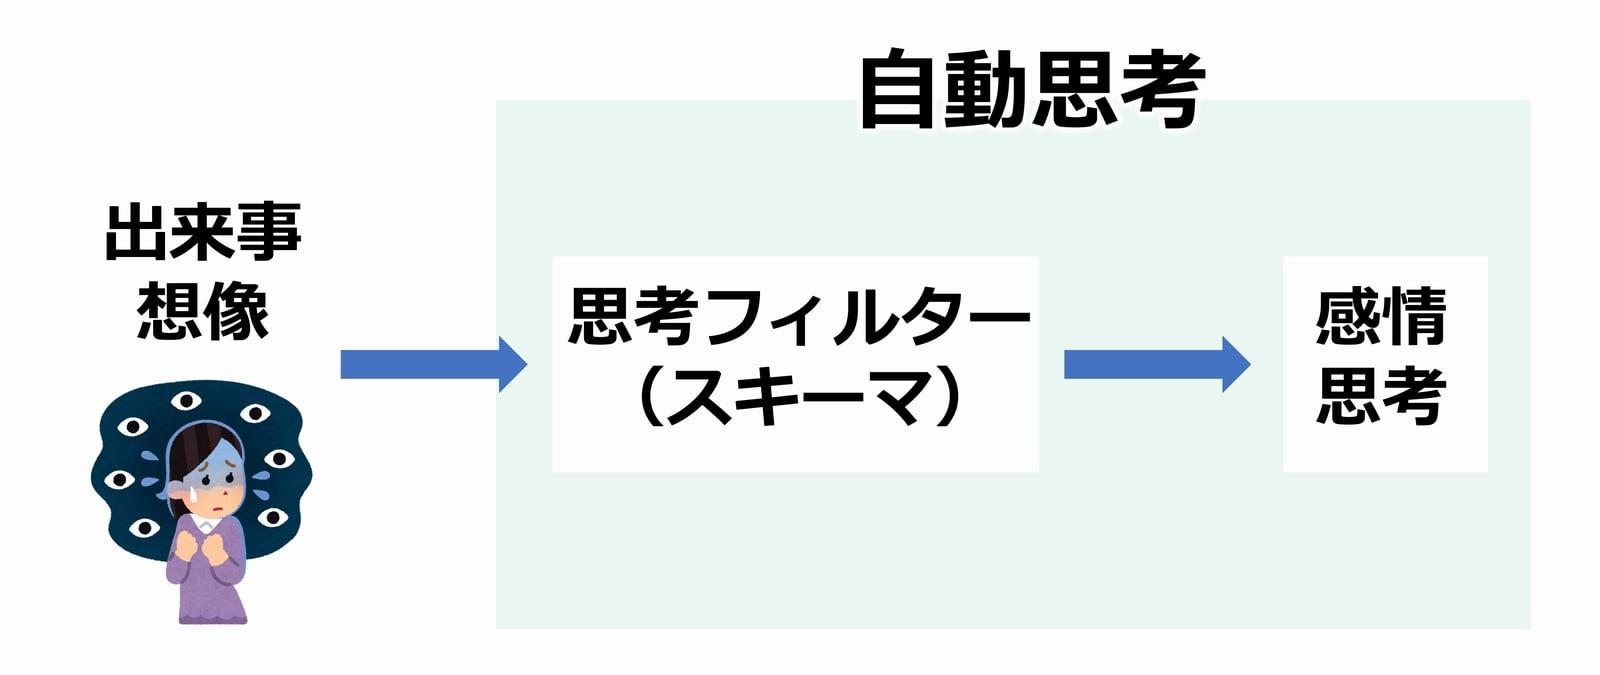 自動思考図